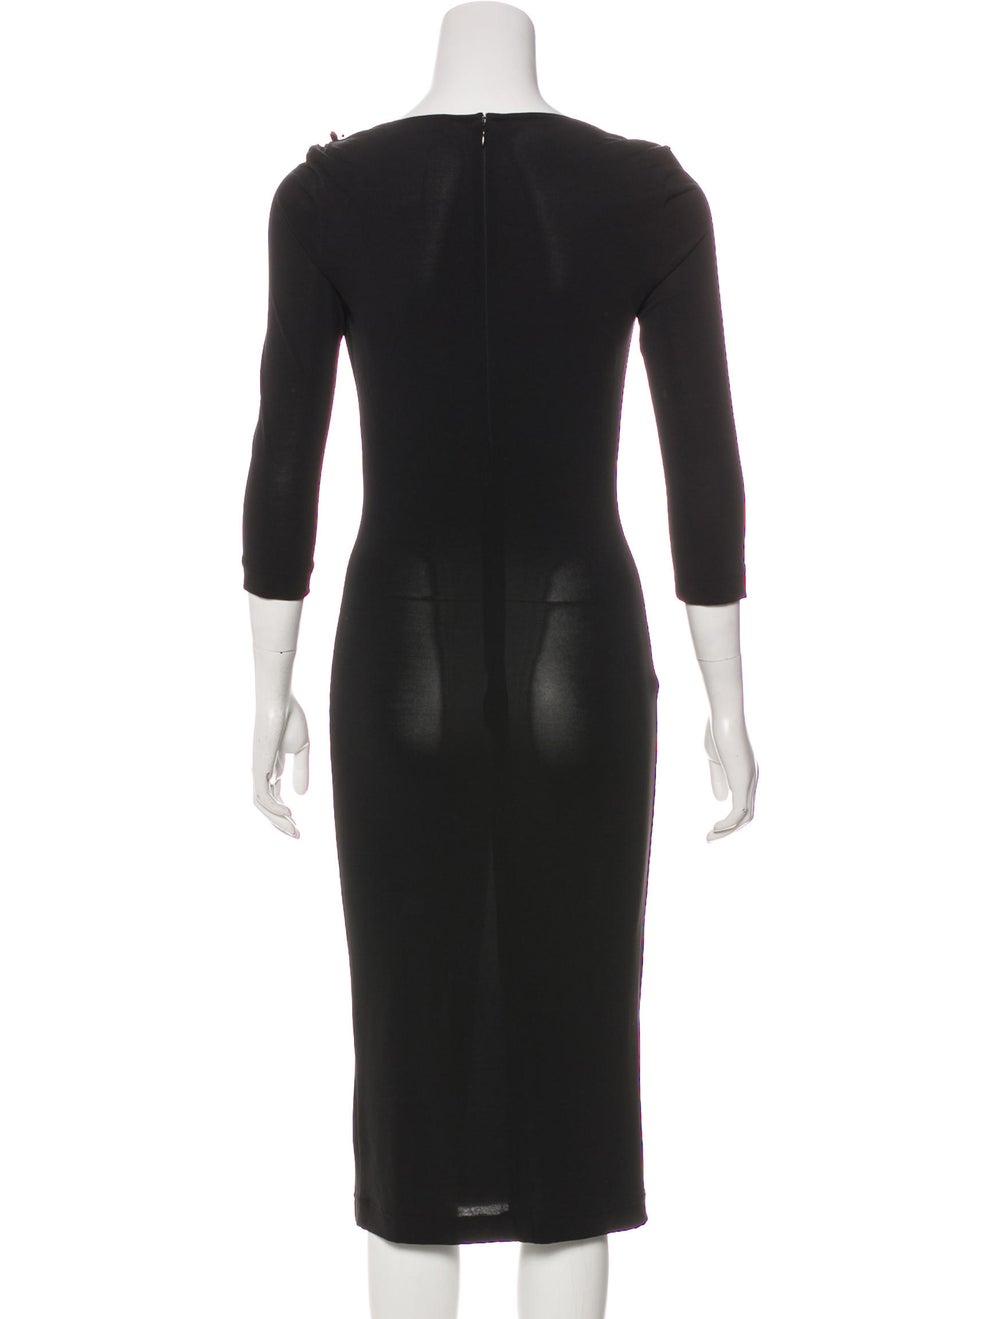 Dolce & Gabbana Embellished Knit Dress Black - image 3